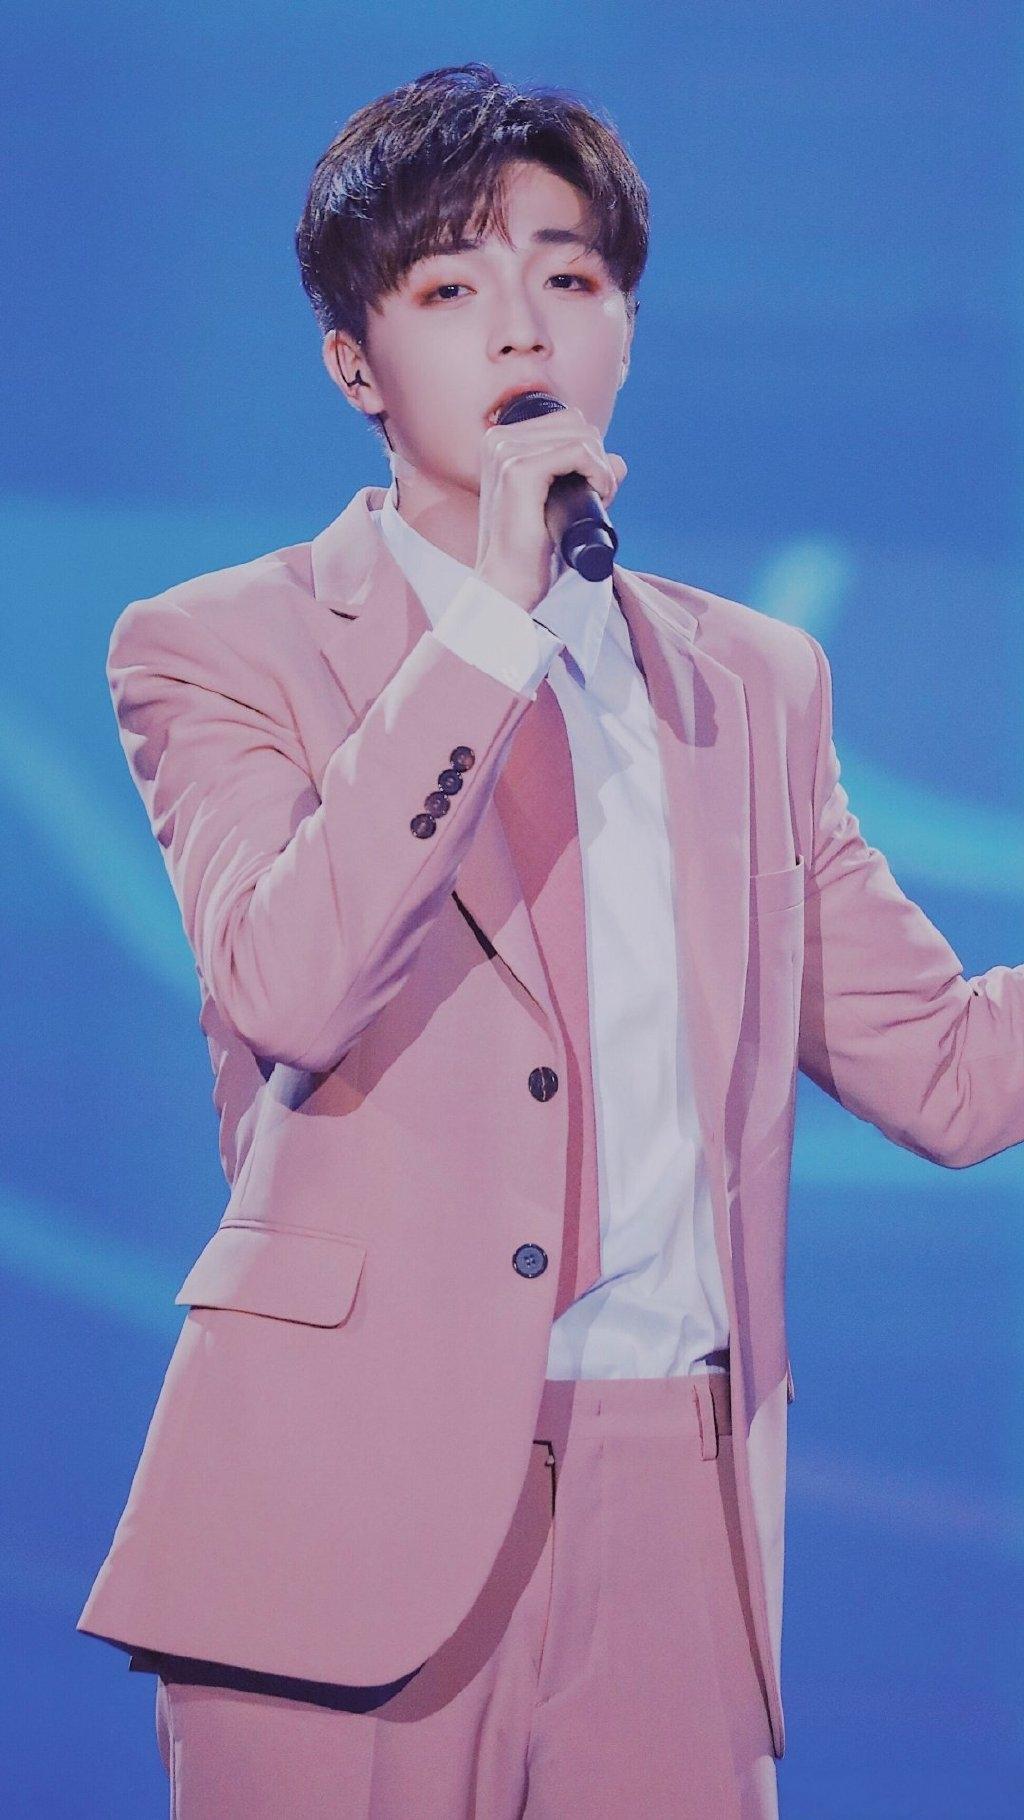 陈立农在舞台上跳舞,穿粉色西装气质出众,有谁注意他的表情